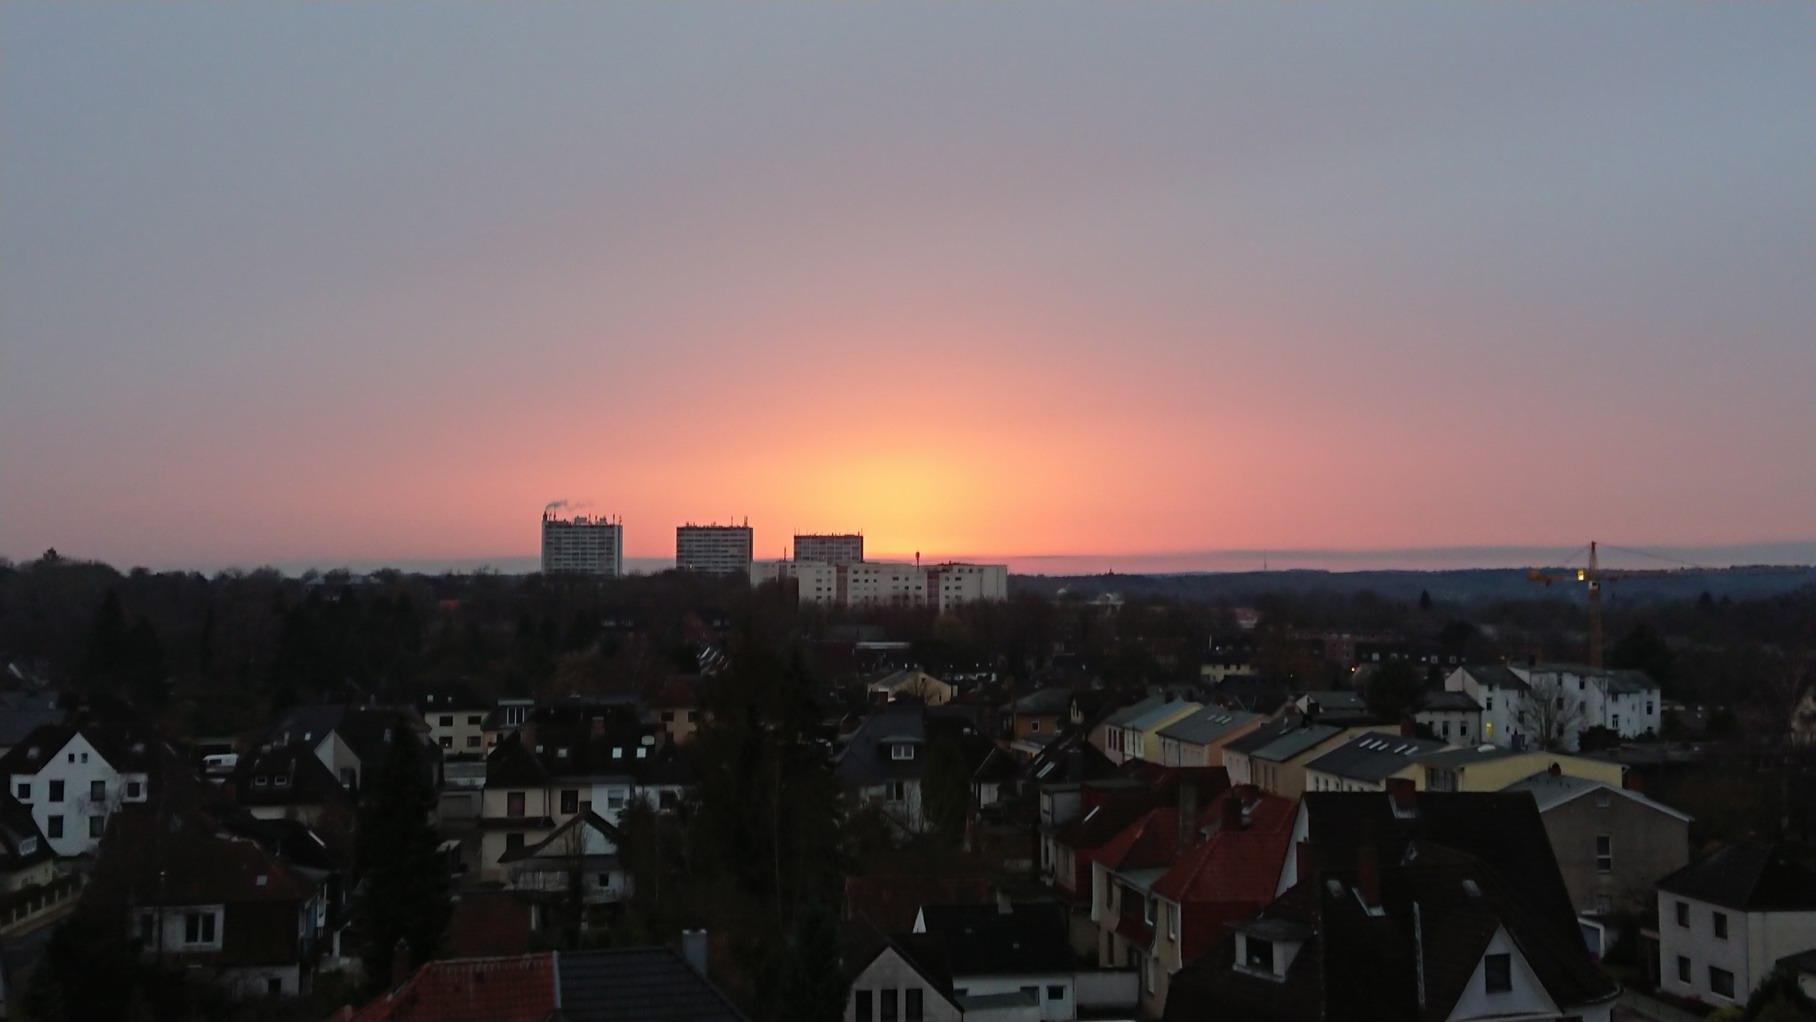 201220_Wintersonnenwende.jpg